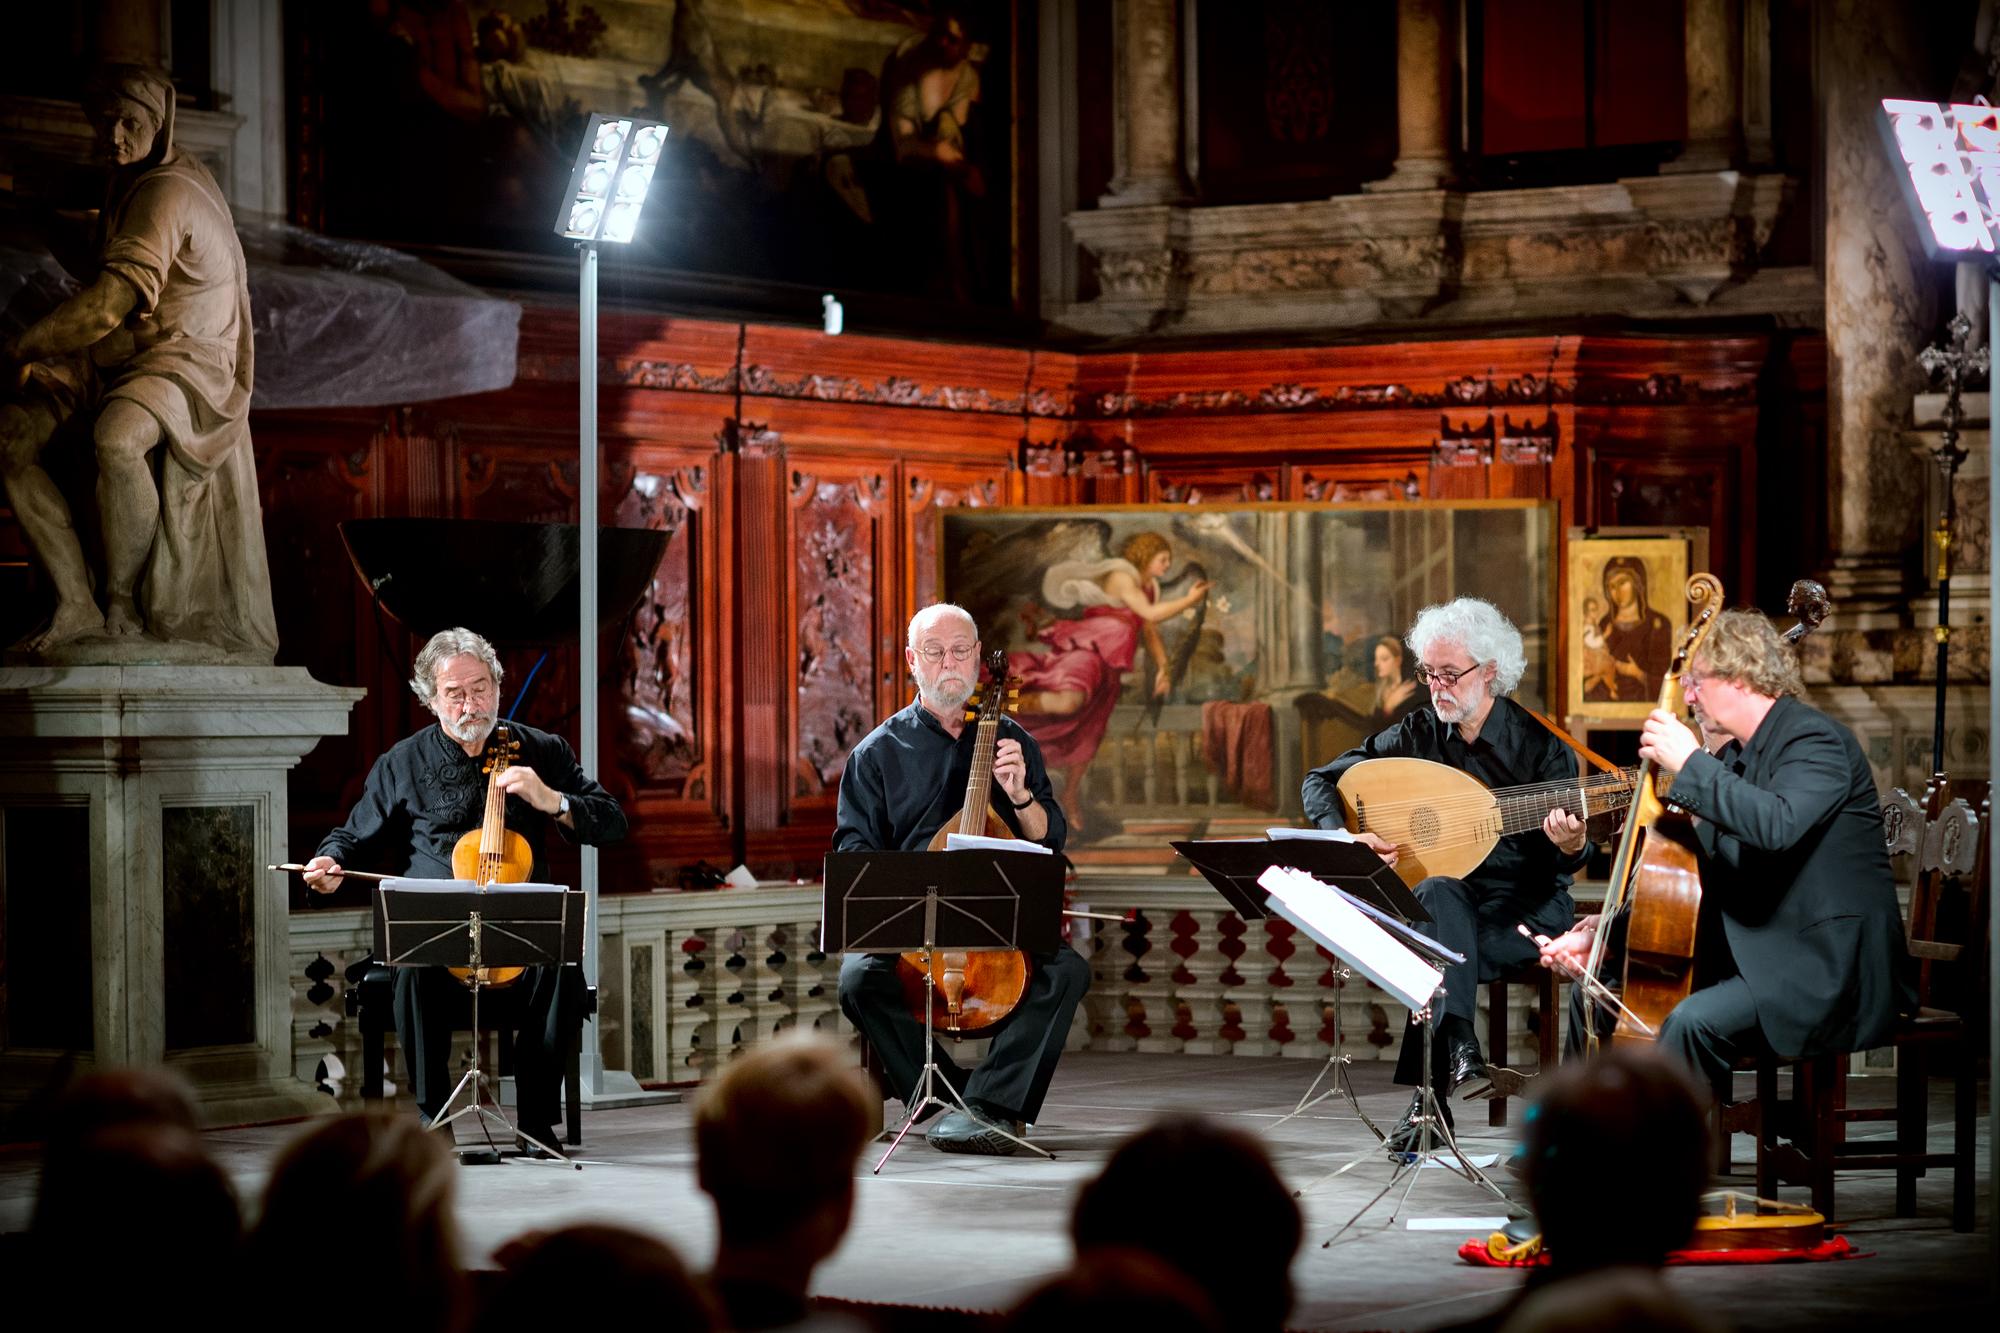 venice concert Monteverdi Vivaldi 2014 - Scuola Grande di San Rocco - laure jacquemin (9)